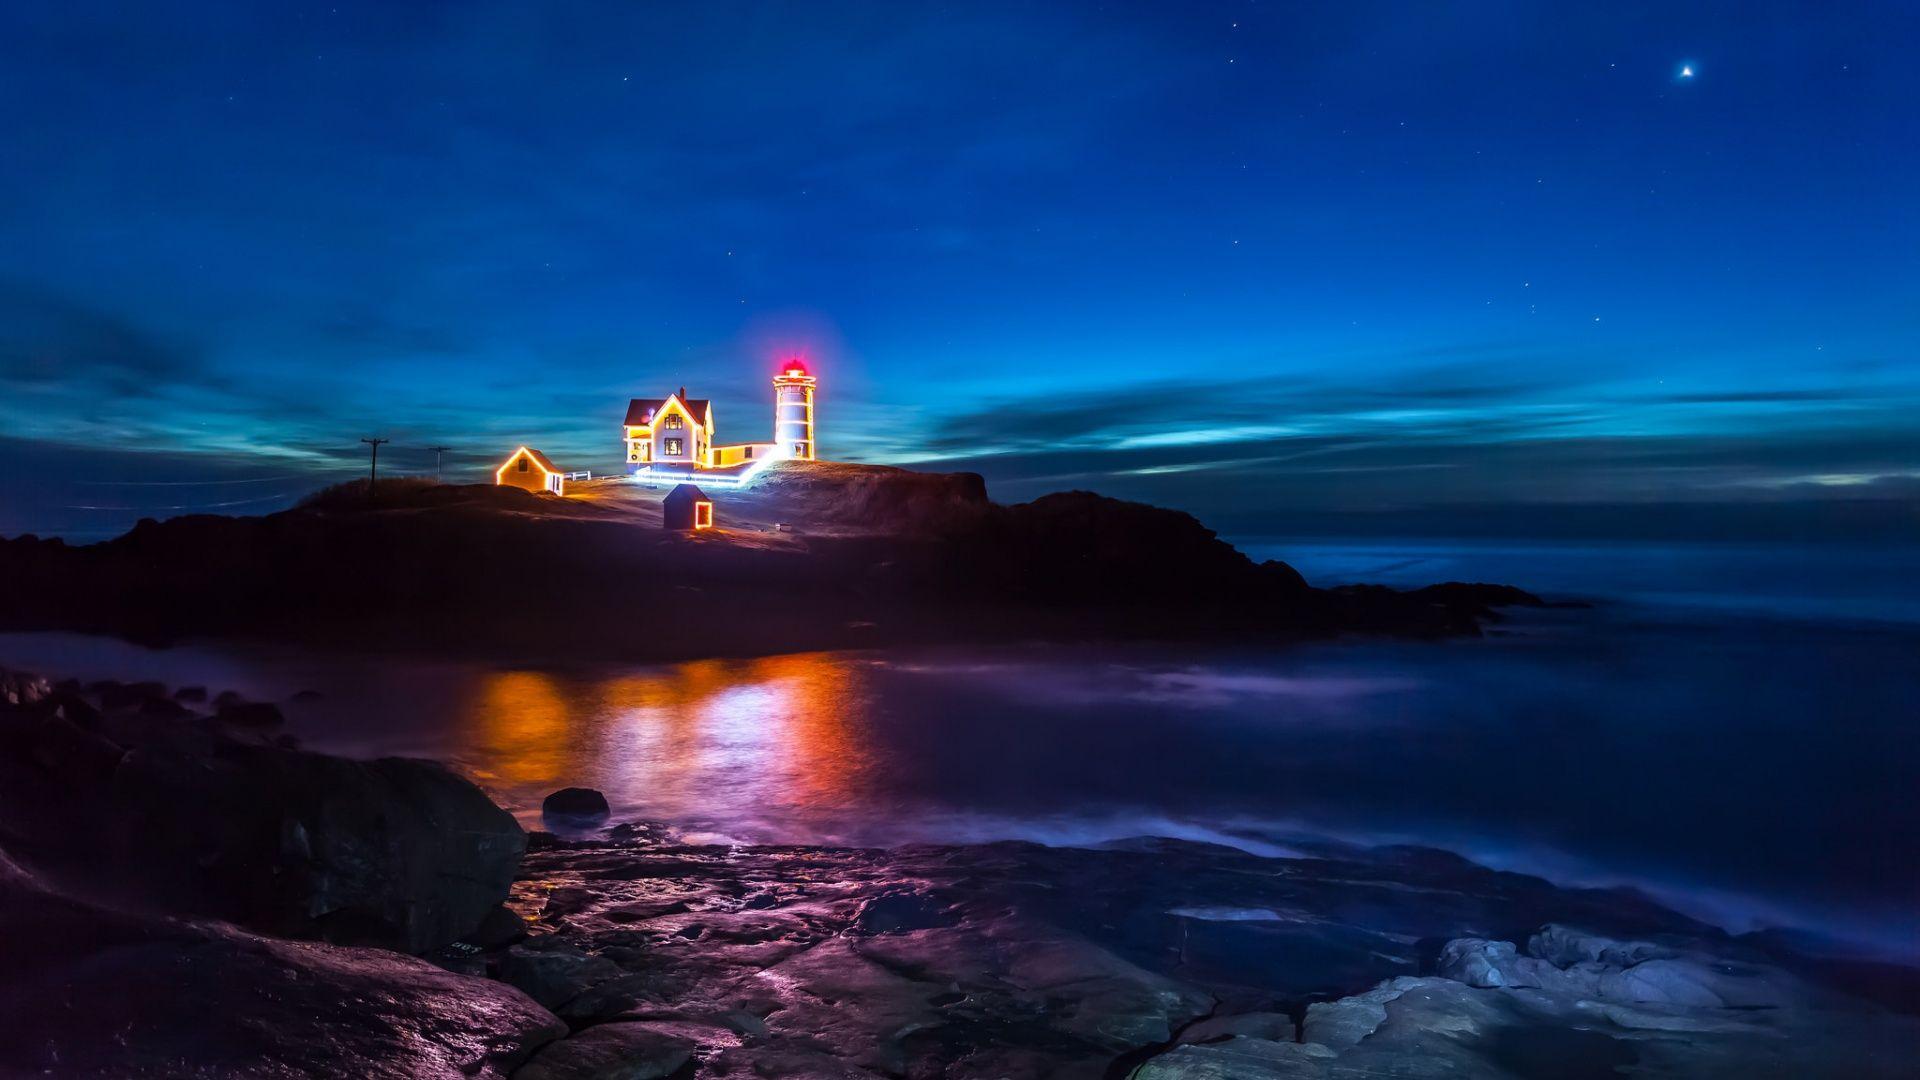 вакансии фотошоп маяк ночью красивые картинки снимка трехмерный становится